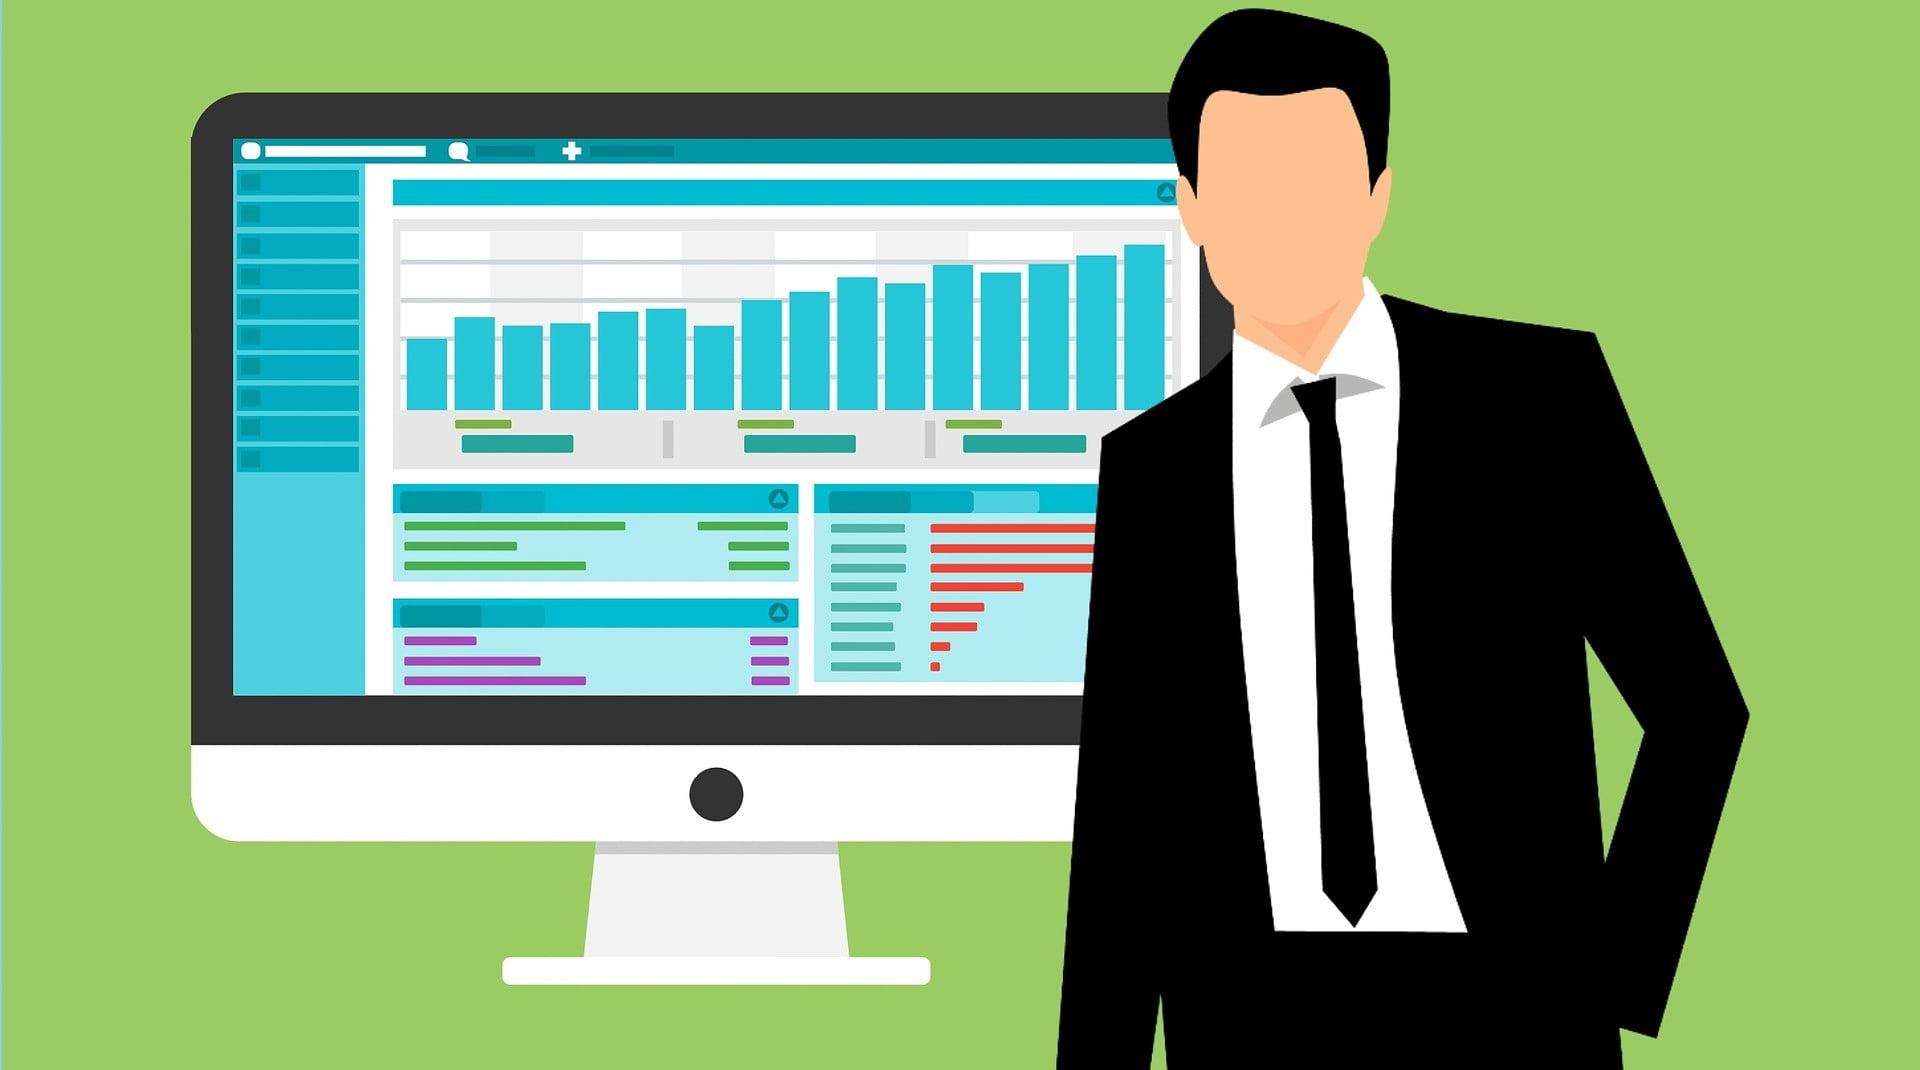 Check-up sito web - Analizziamo il tuo sito web